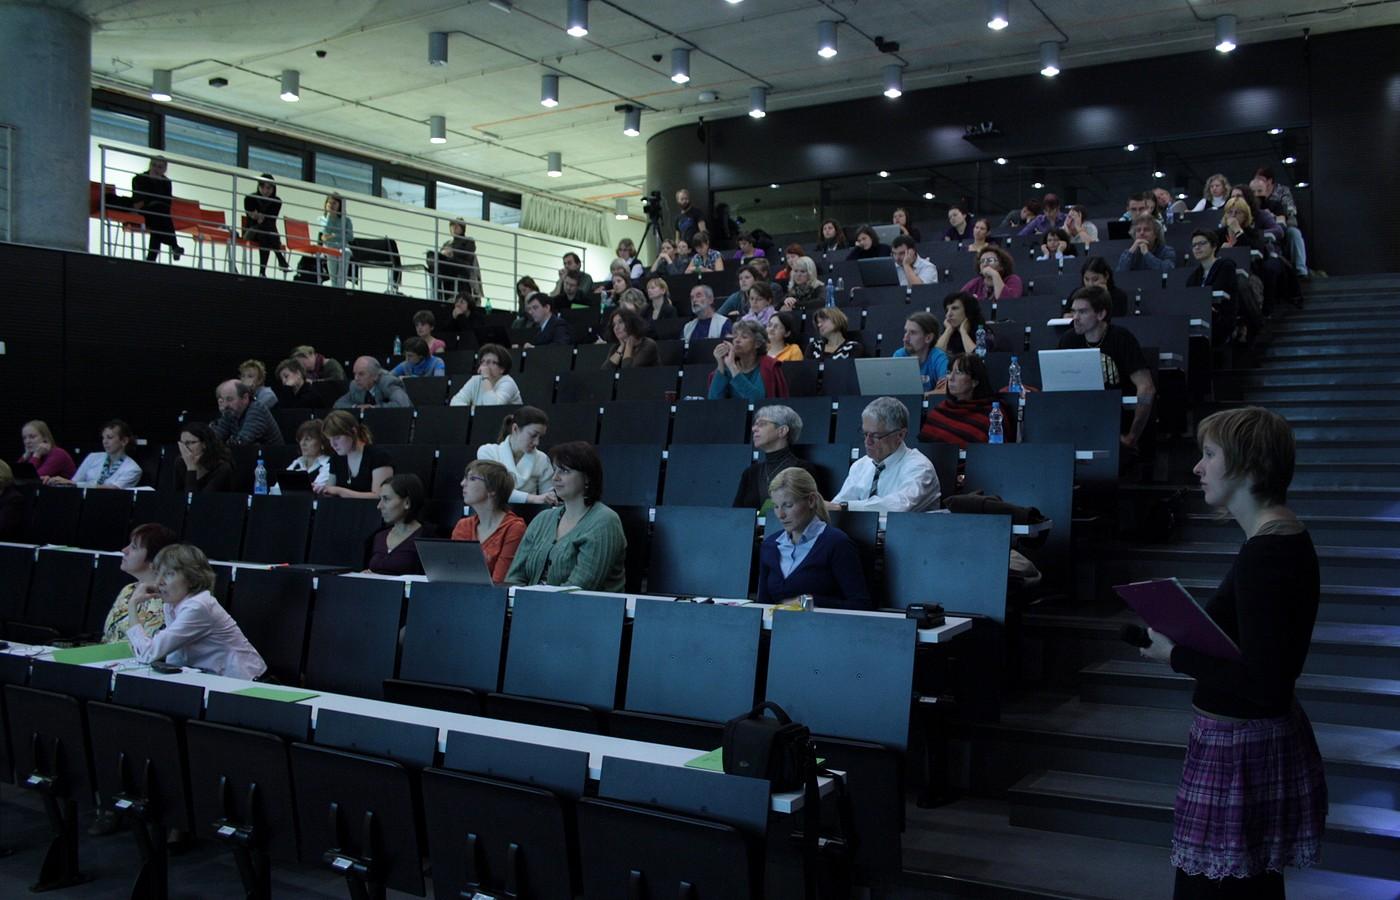 Ballingův sál Národní technické knihovny přivítal na letošním semináři hojný počet pracovníků z oboru. Návštěvnost semináře od roku 2008 vzrostla do roku 2011 o více než 50 %